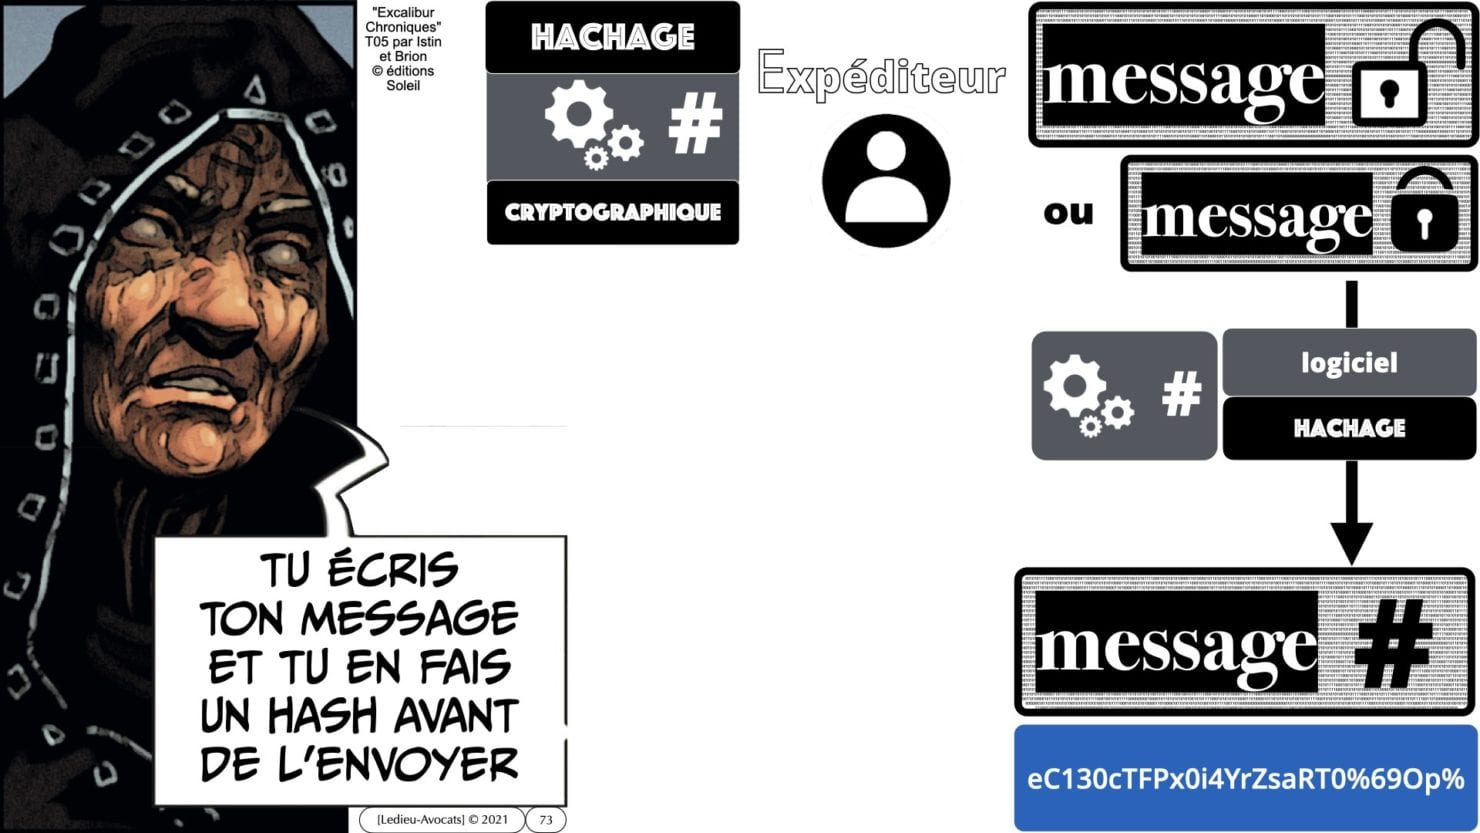 341 chiffrement cryptographie symetrique asymetrique hachage cryptographique TECHNIQUE JURIDIQUE © Ledieu-Avocat 05-07-2021.073